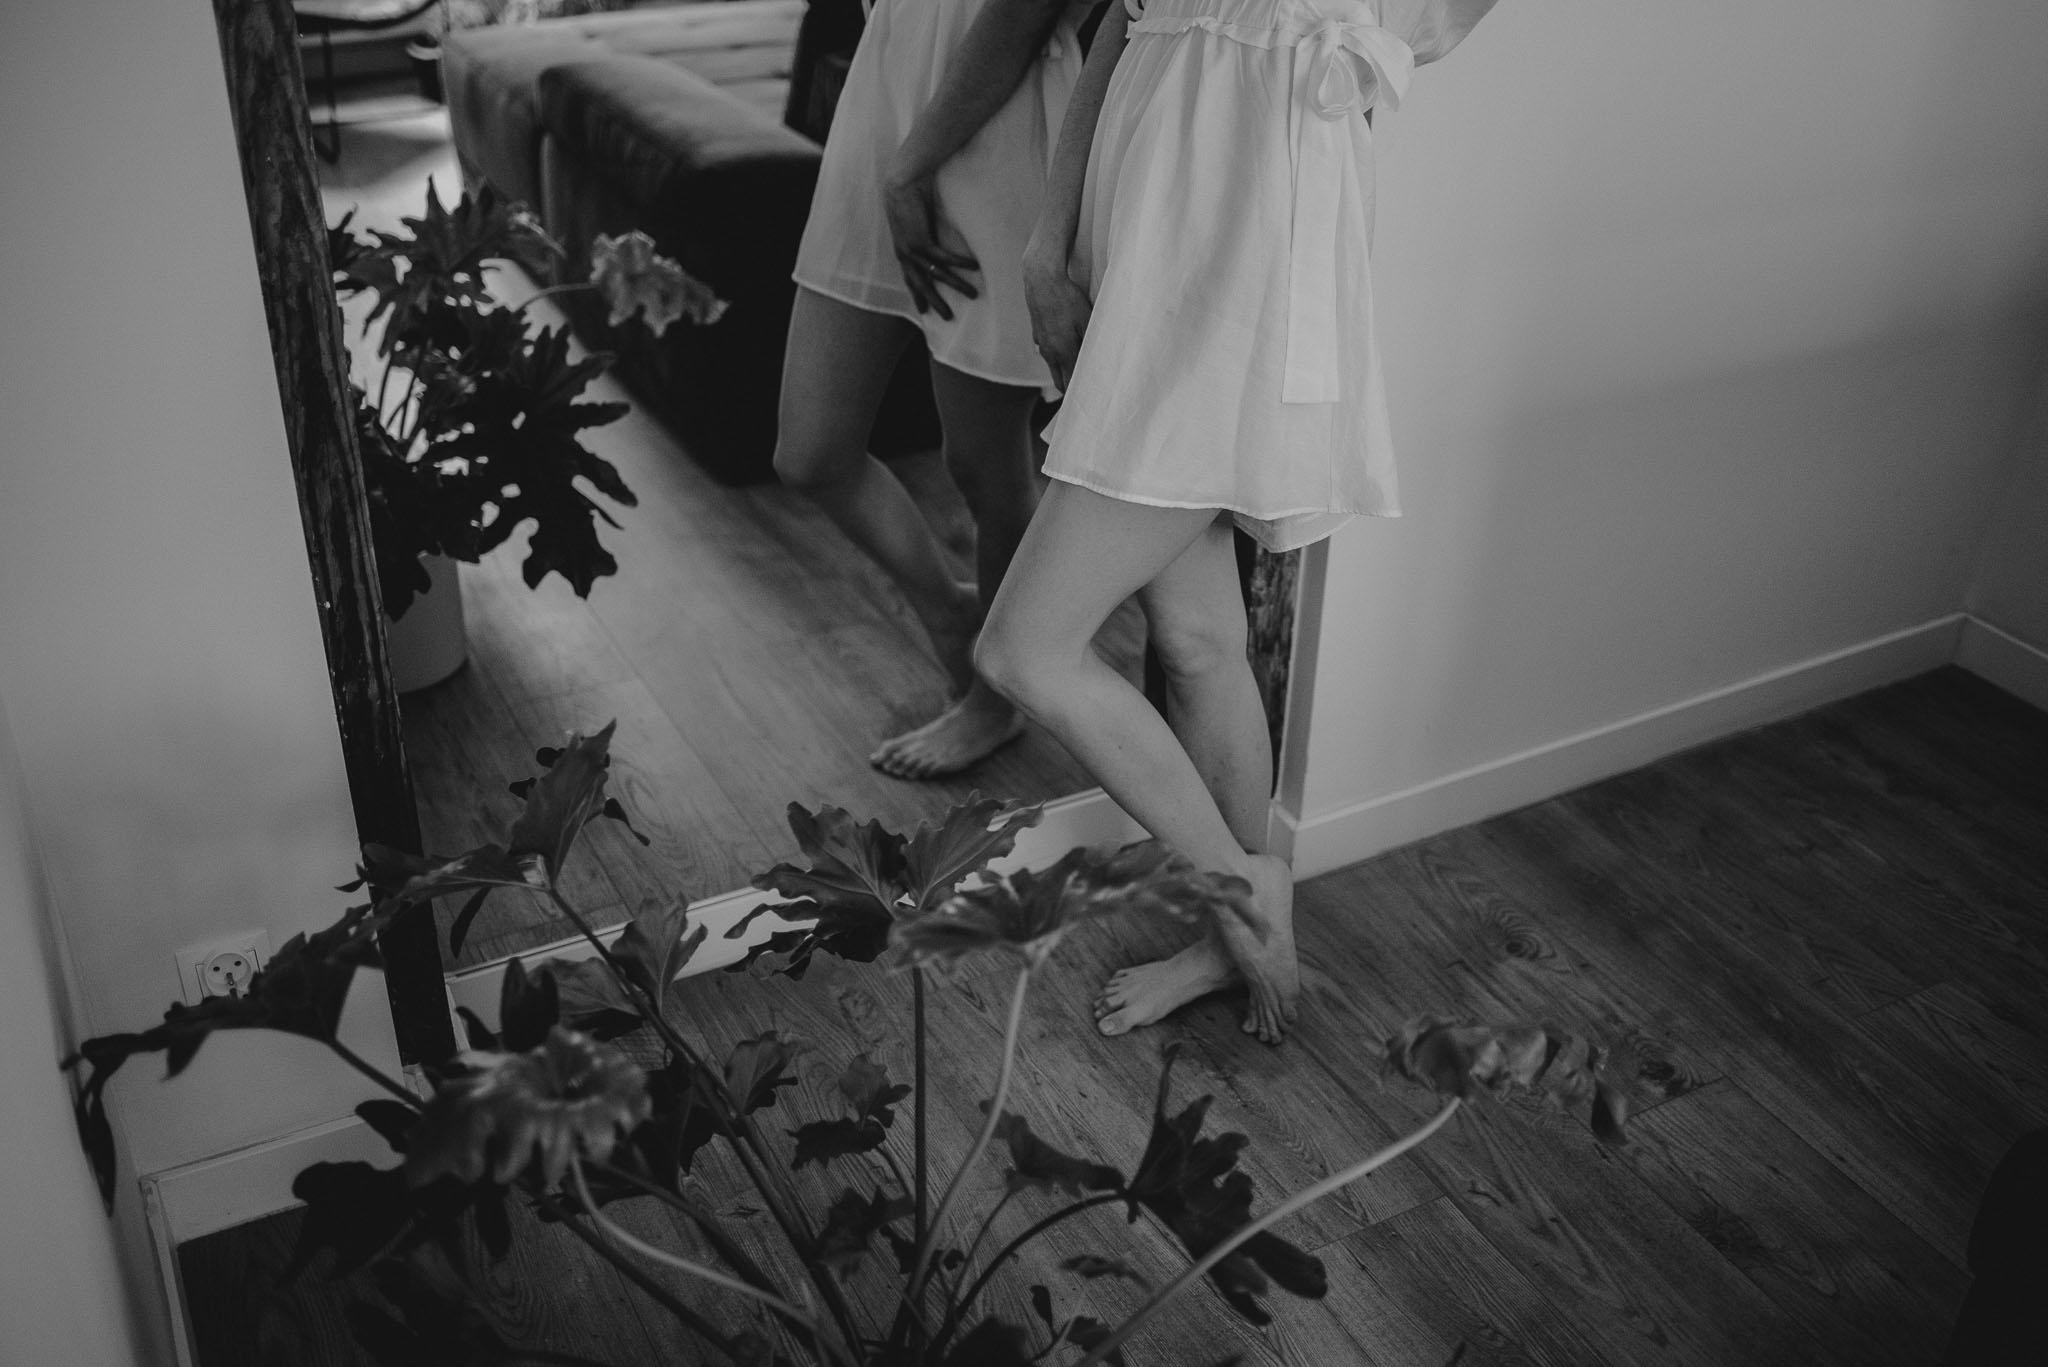 Kobieta stoi przed lustrem podczas sesji kobiecej i się przygląda, zbliżenie na nogi